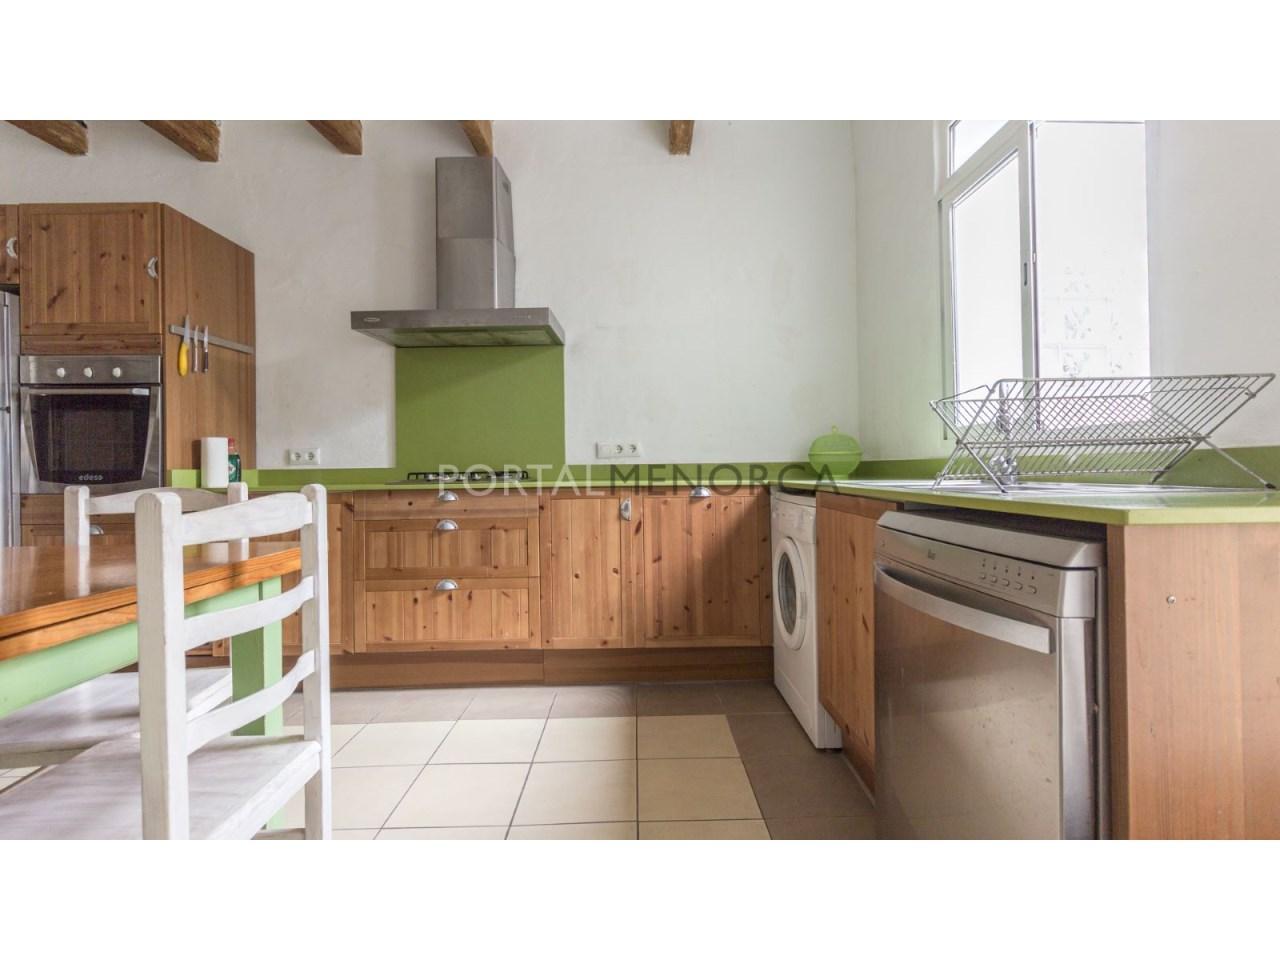 casa con patio en venta en Alaior (4 de 17)